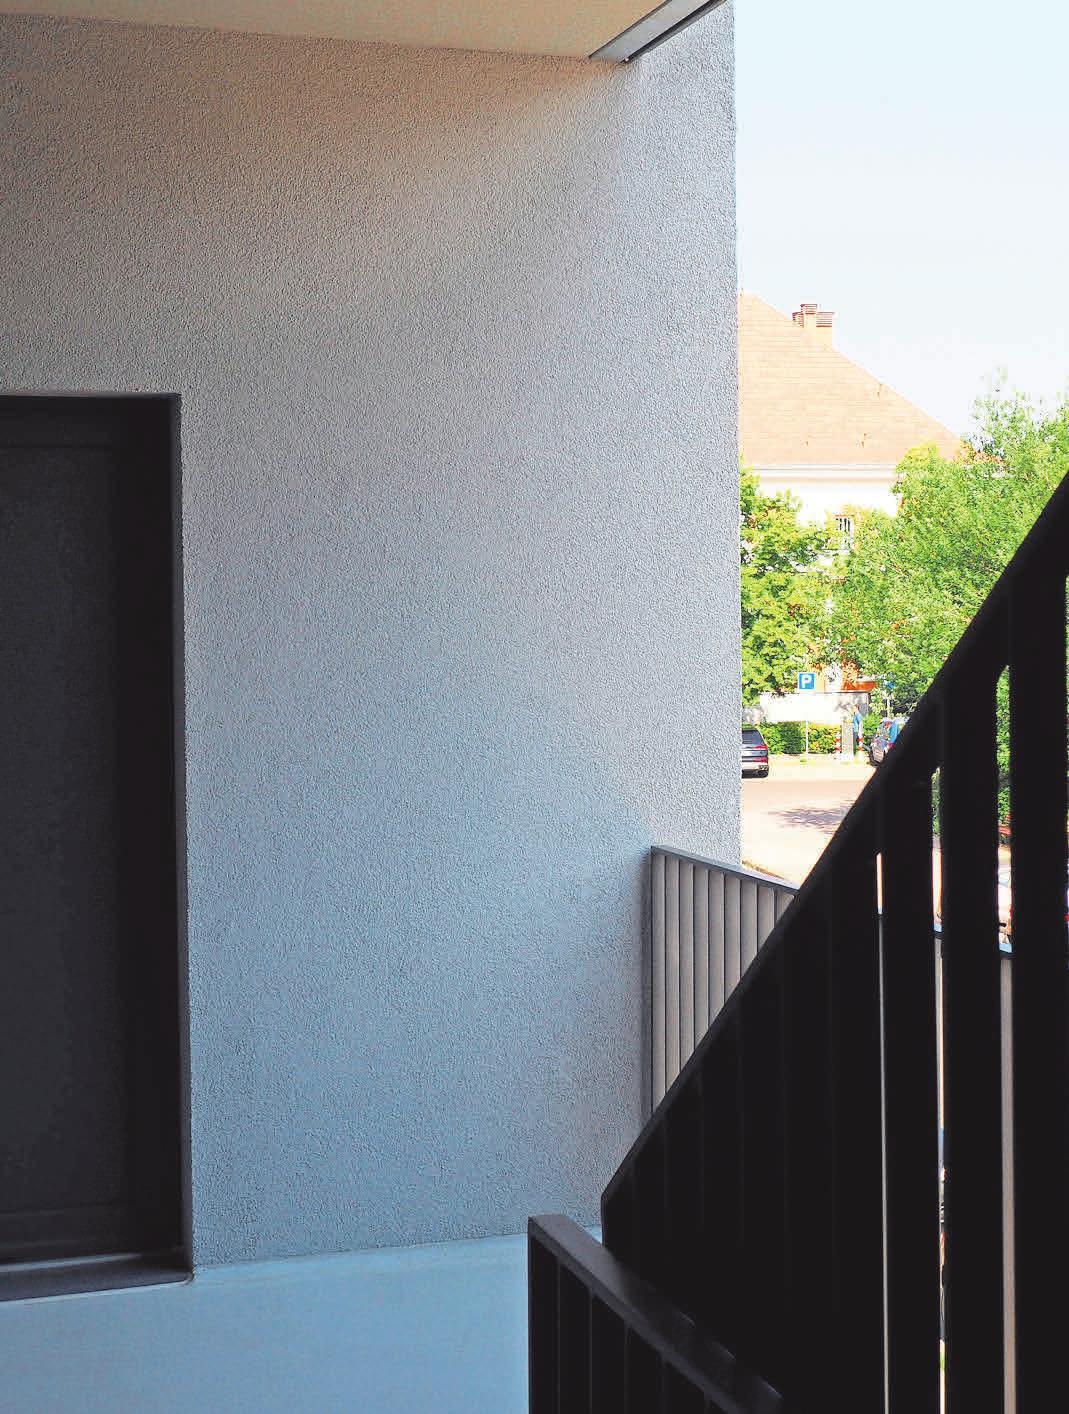 Das Treppenhaus liegt außerhalb, wodurch natürliches Licht einfällt und Platz gespart wurde.